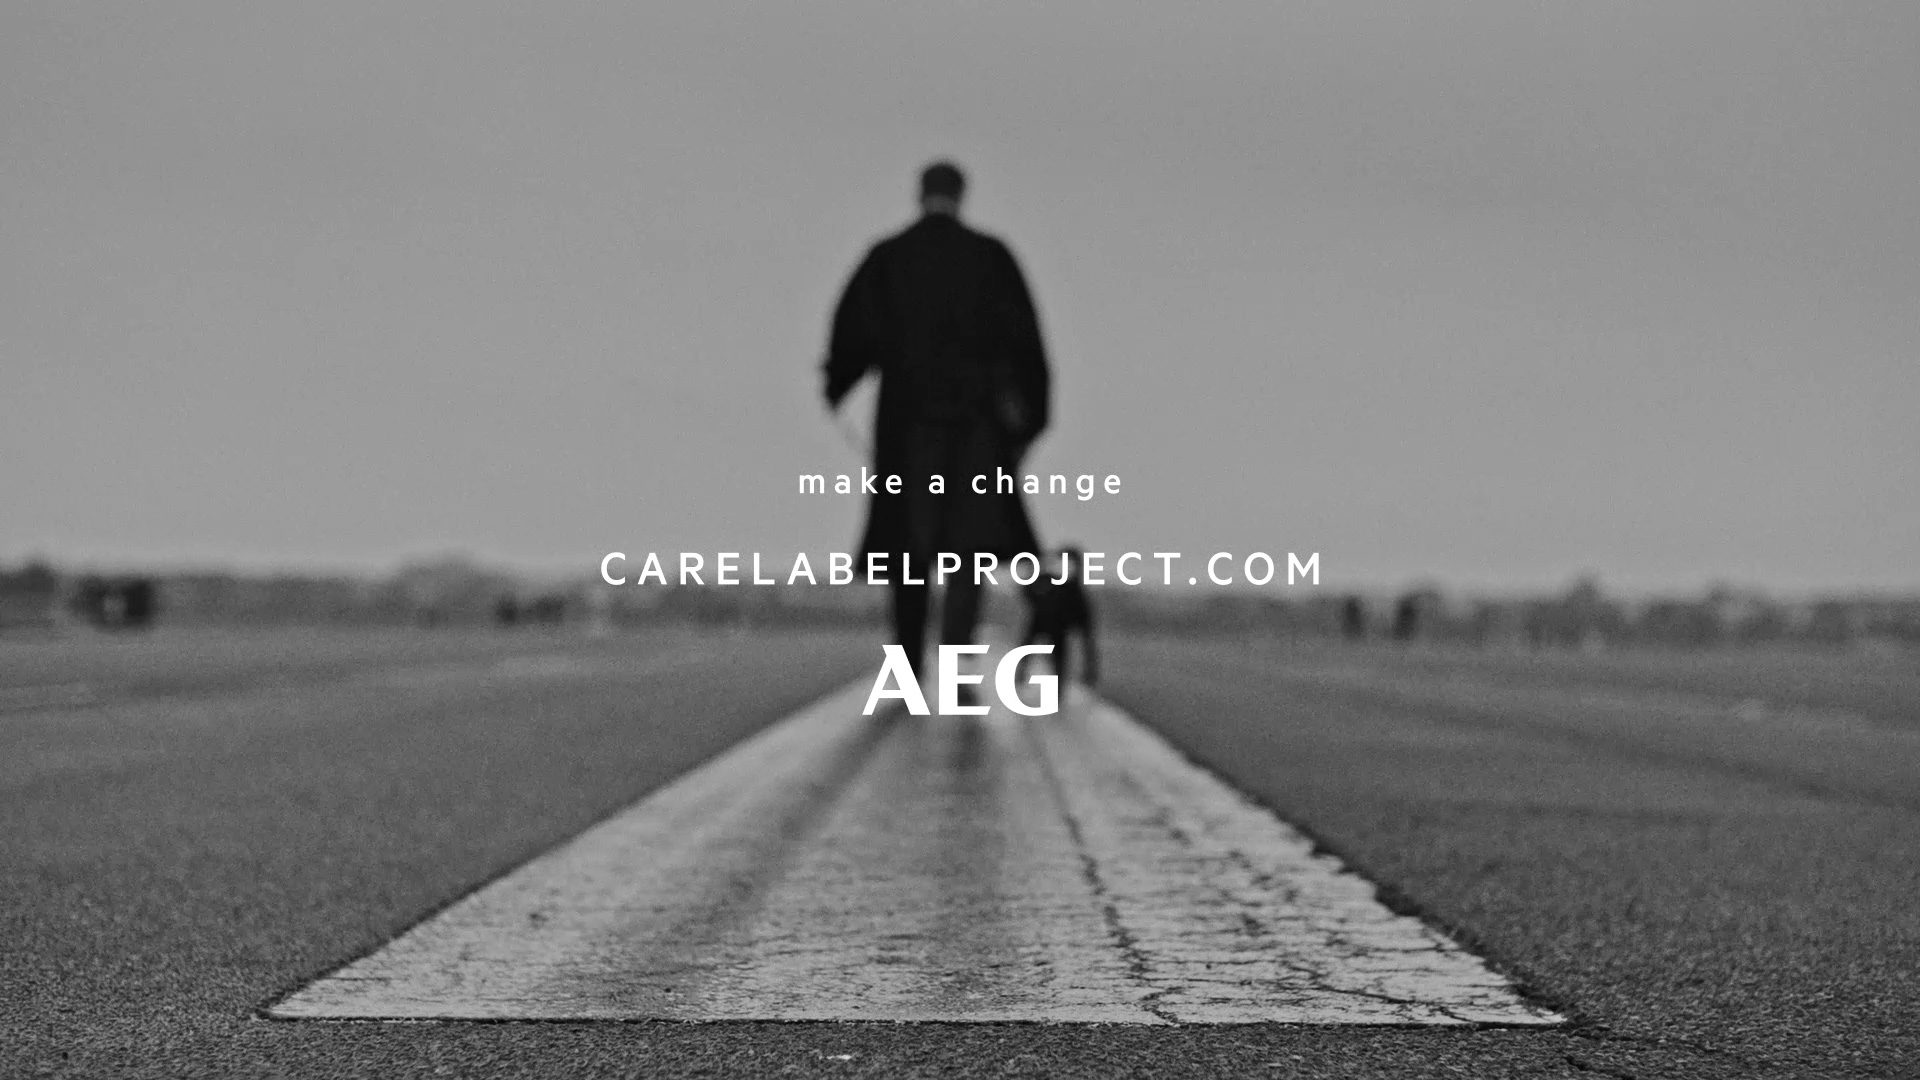 AEG_Care_Label_Trailer_Overall_RENDER_(0_00_19_16).jpg